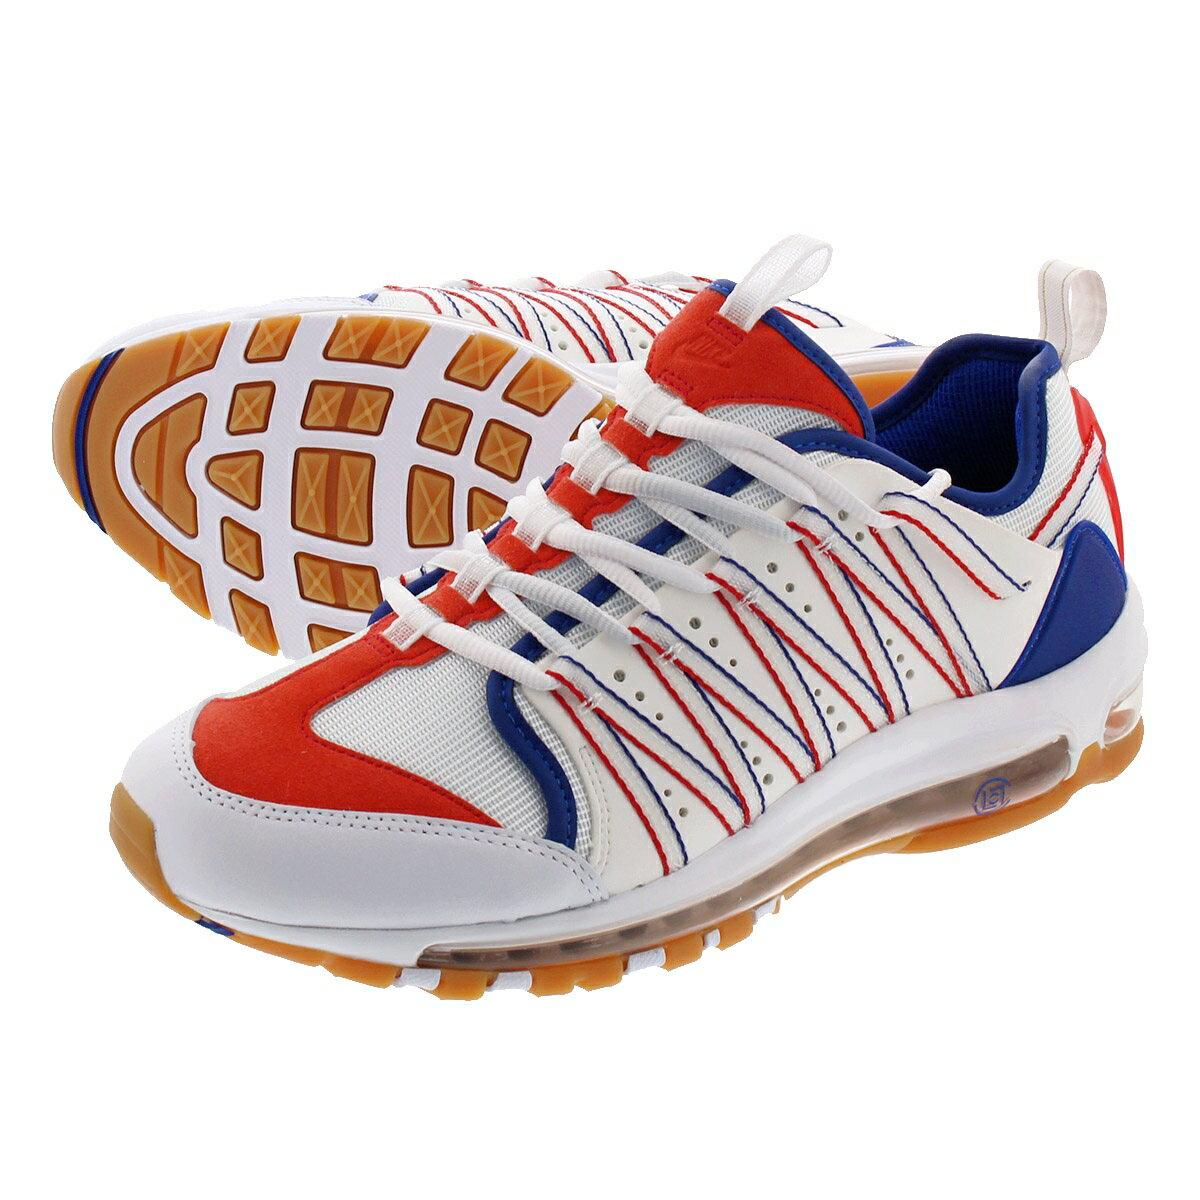 メンズ靴, スニーカー  NIKE x CLOT AIR MAX 97 HAVEN x 97 WHITESAILDEEP ROYAL BLUE ao2134-101